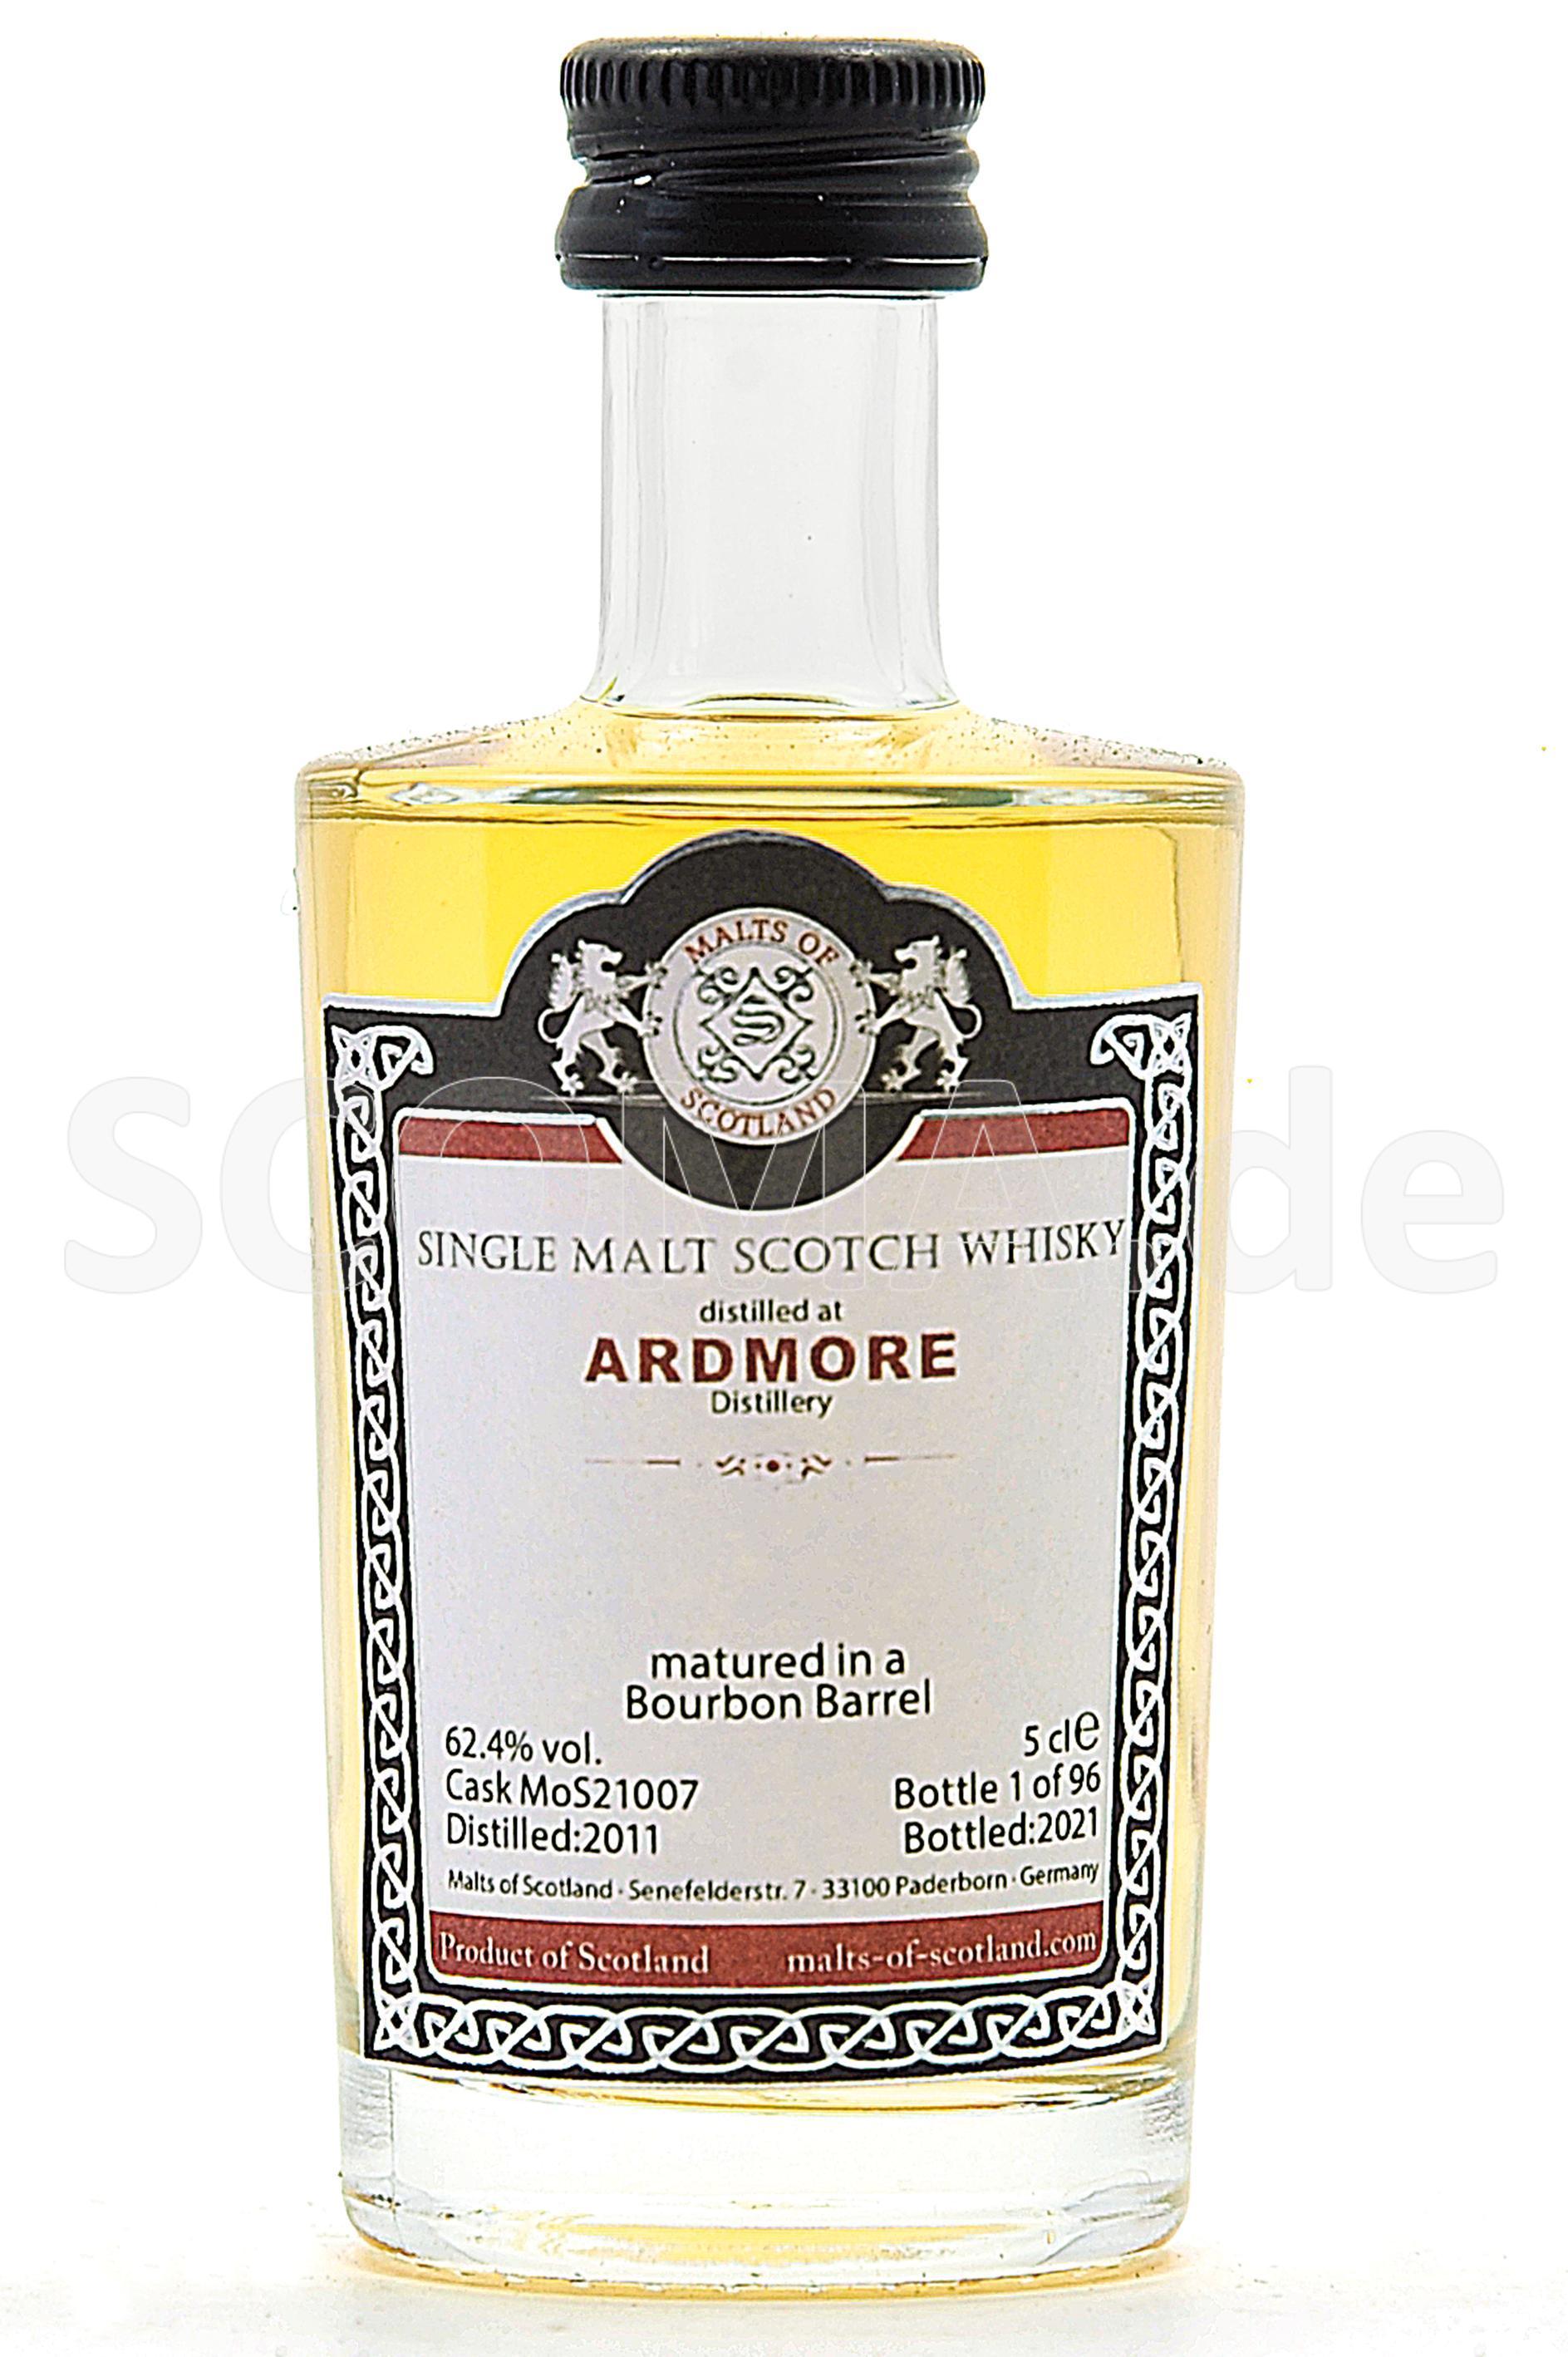 Ardmore 2011/2021 Bourbon Barr...